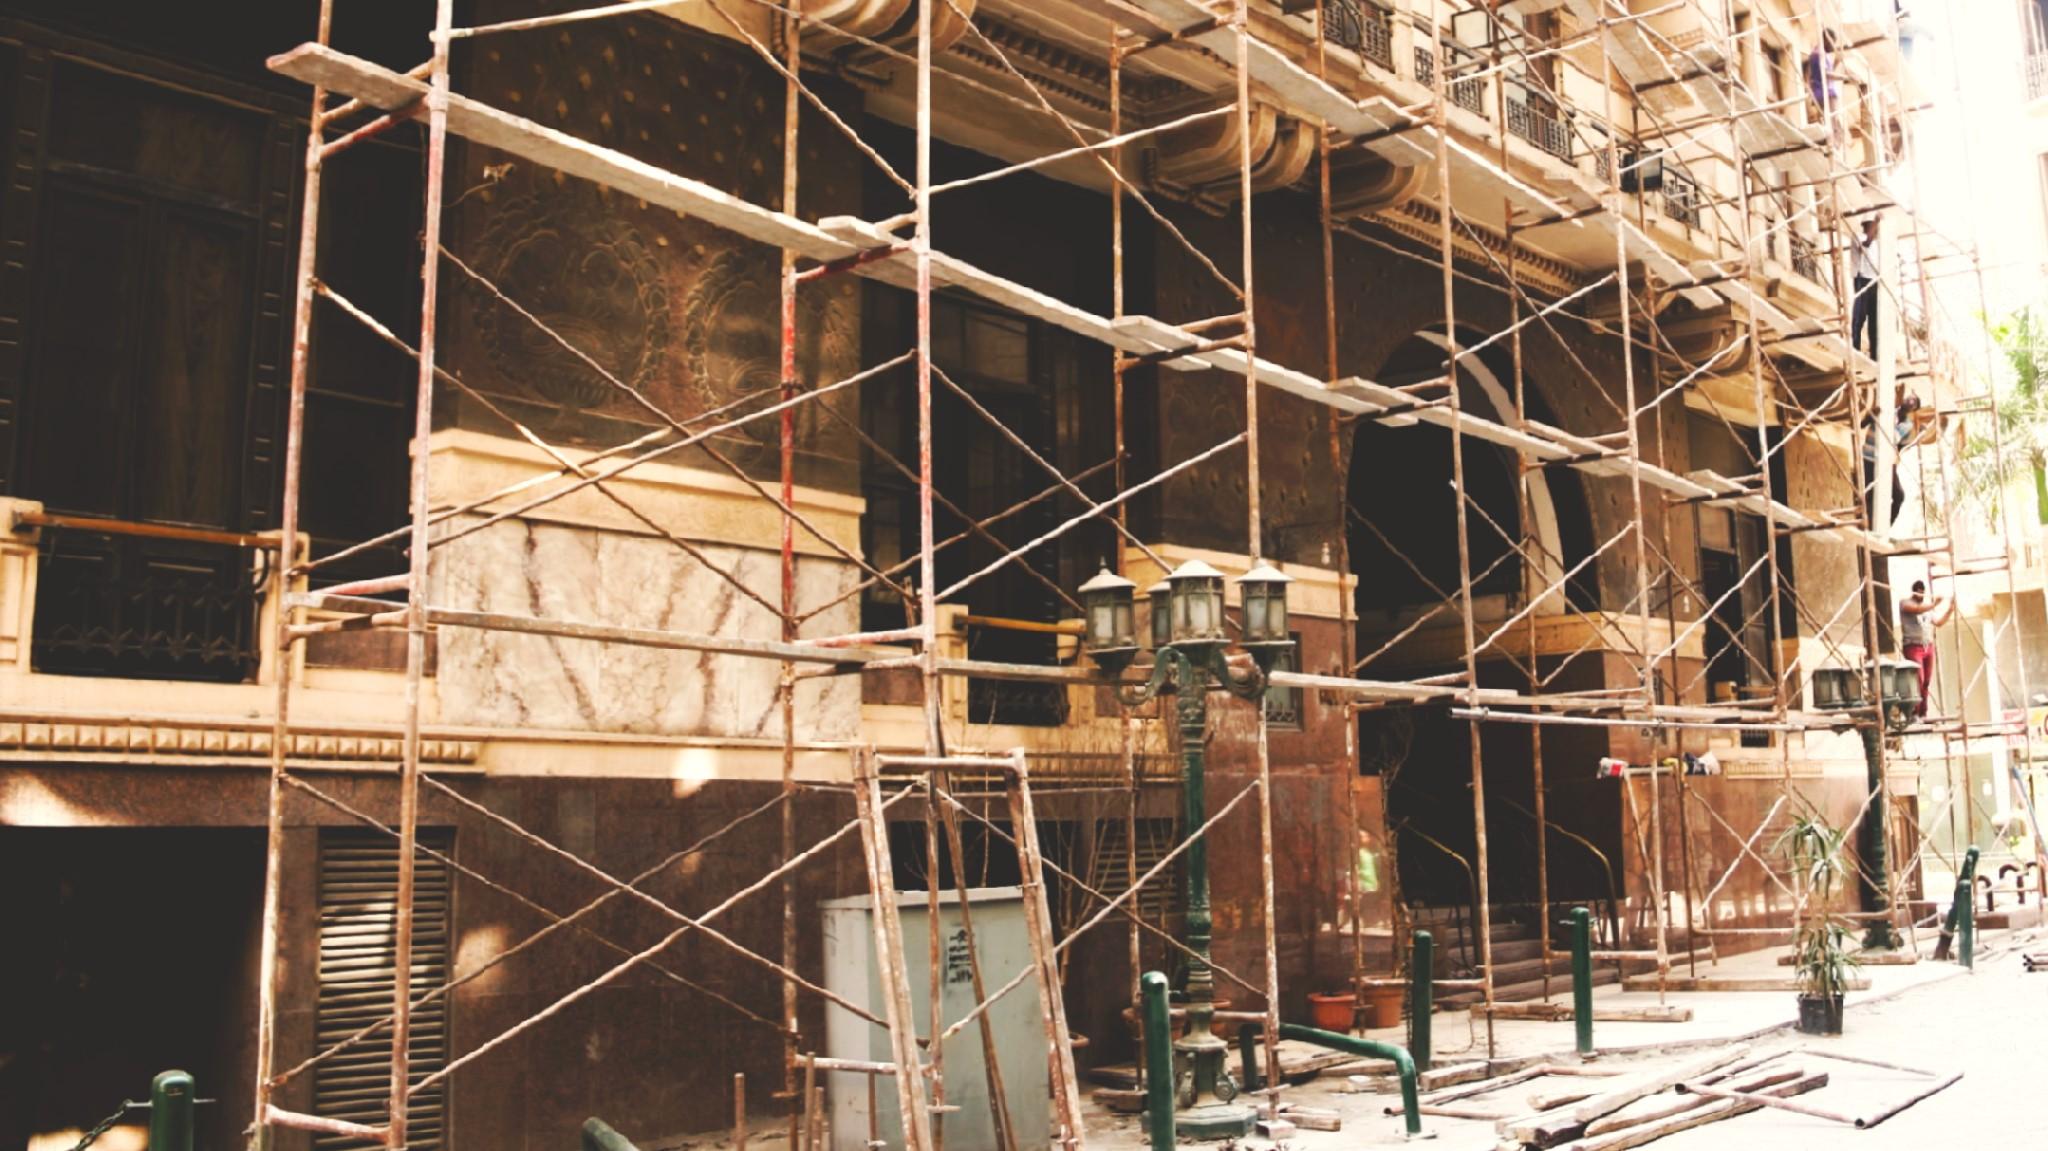 فندق كوزموبوليتان أثناء عمليات ترميمه بداية أكتوبر 2017 - تصوير: صديق البخشونجي